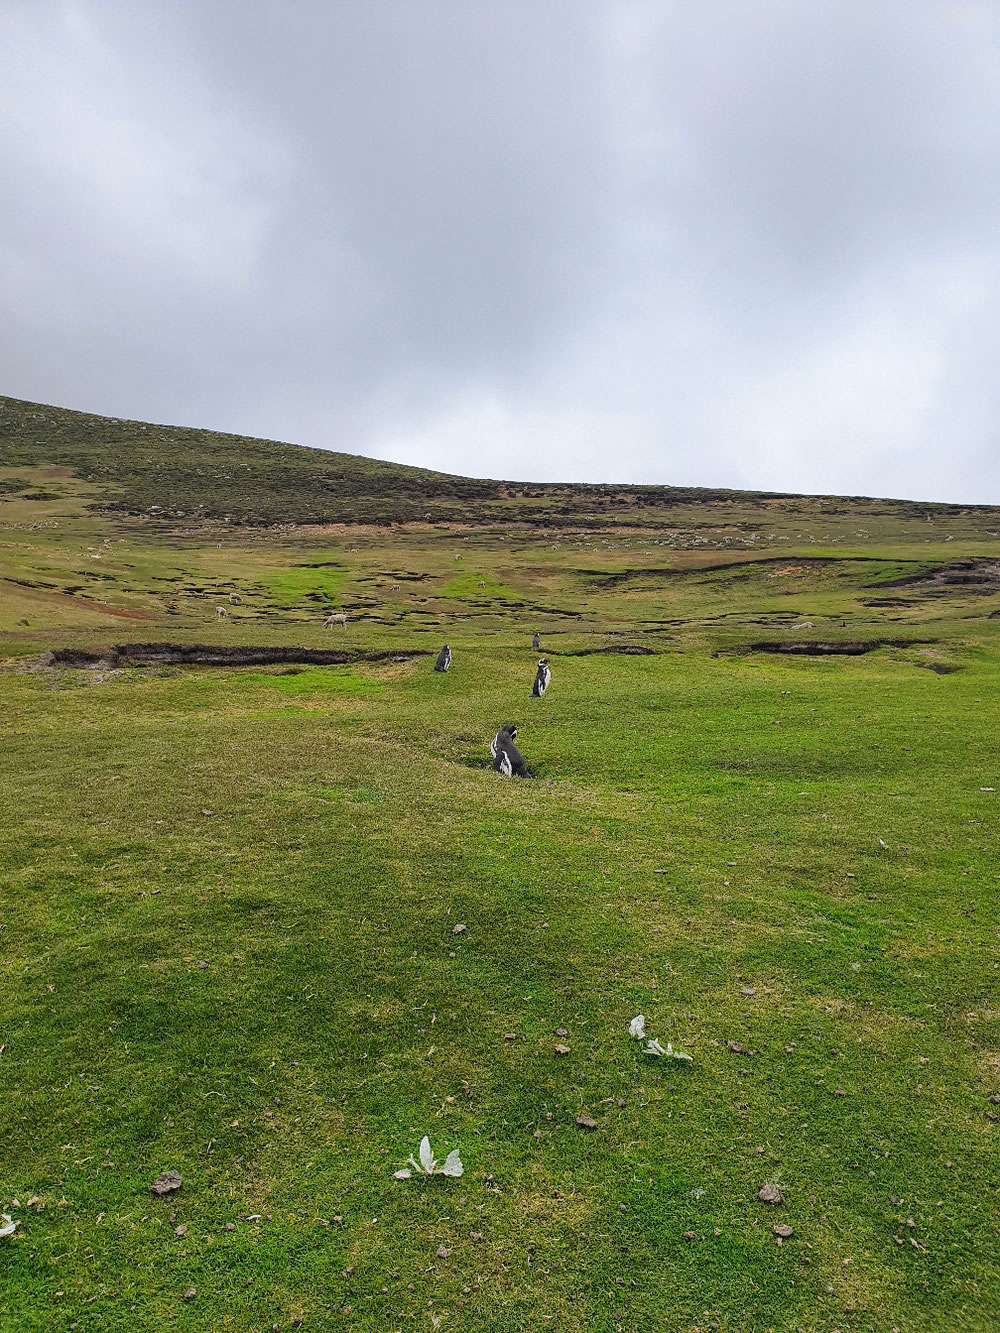 Hier eine Magellan-Schaf-Kolonie